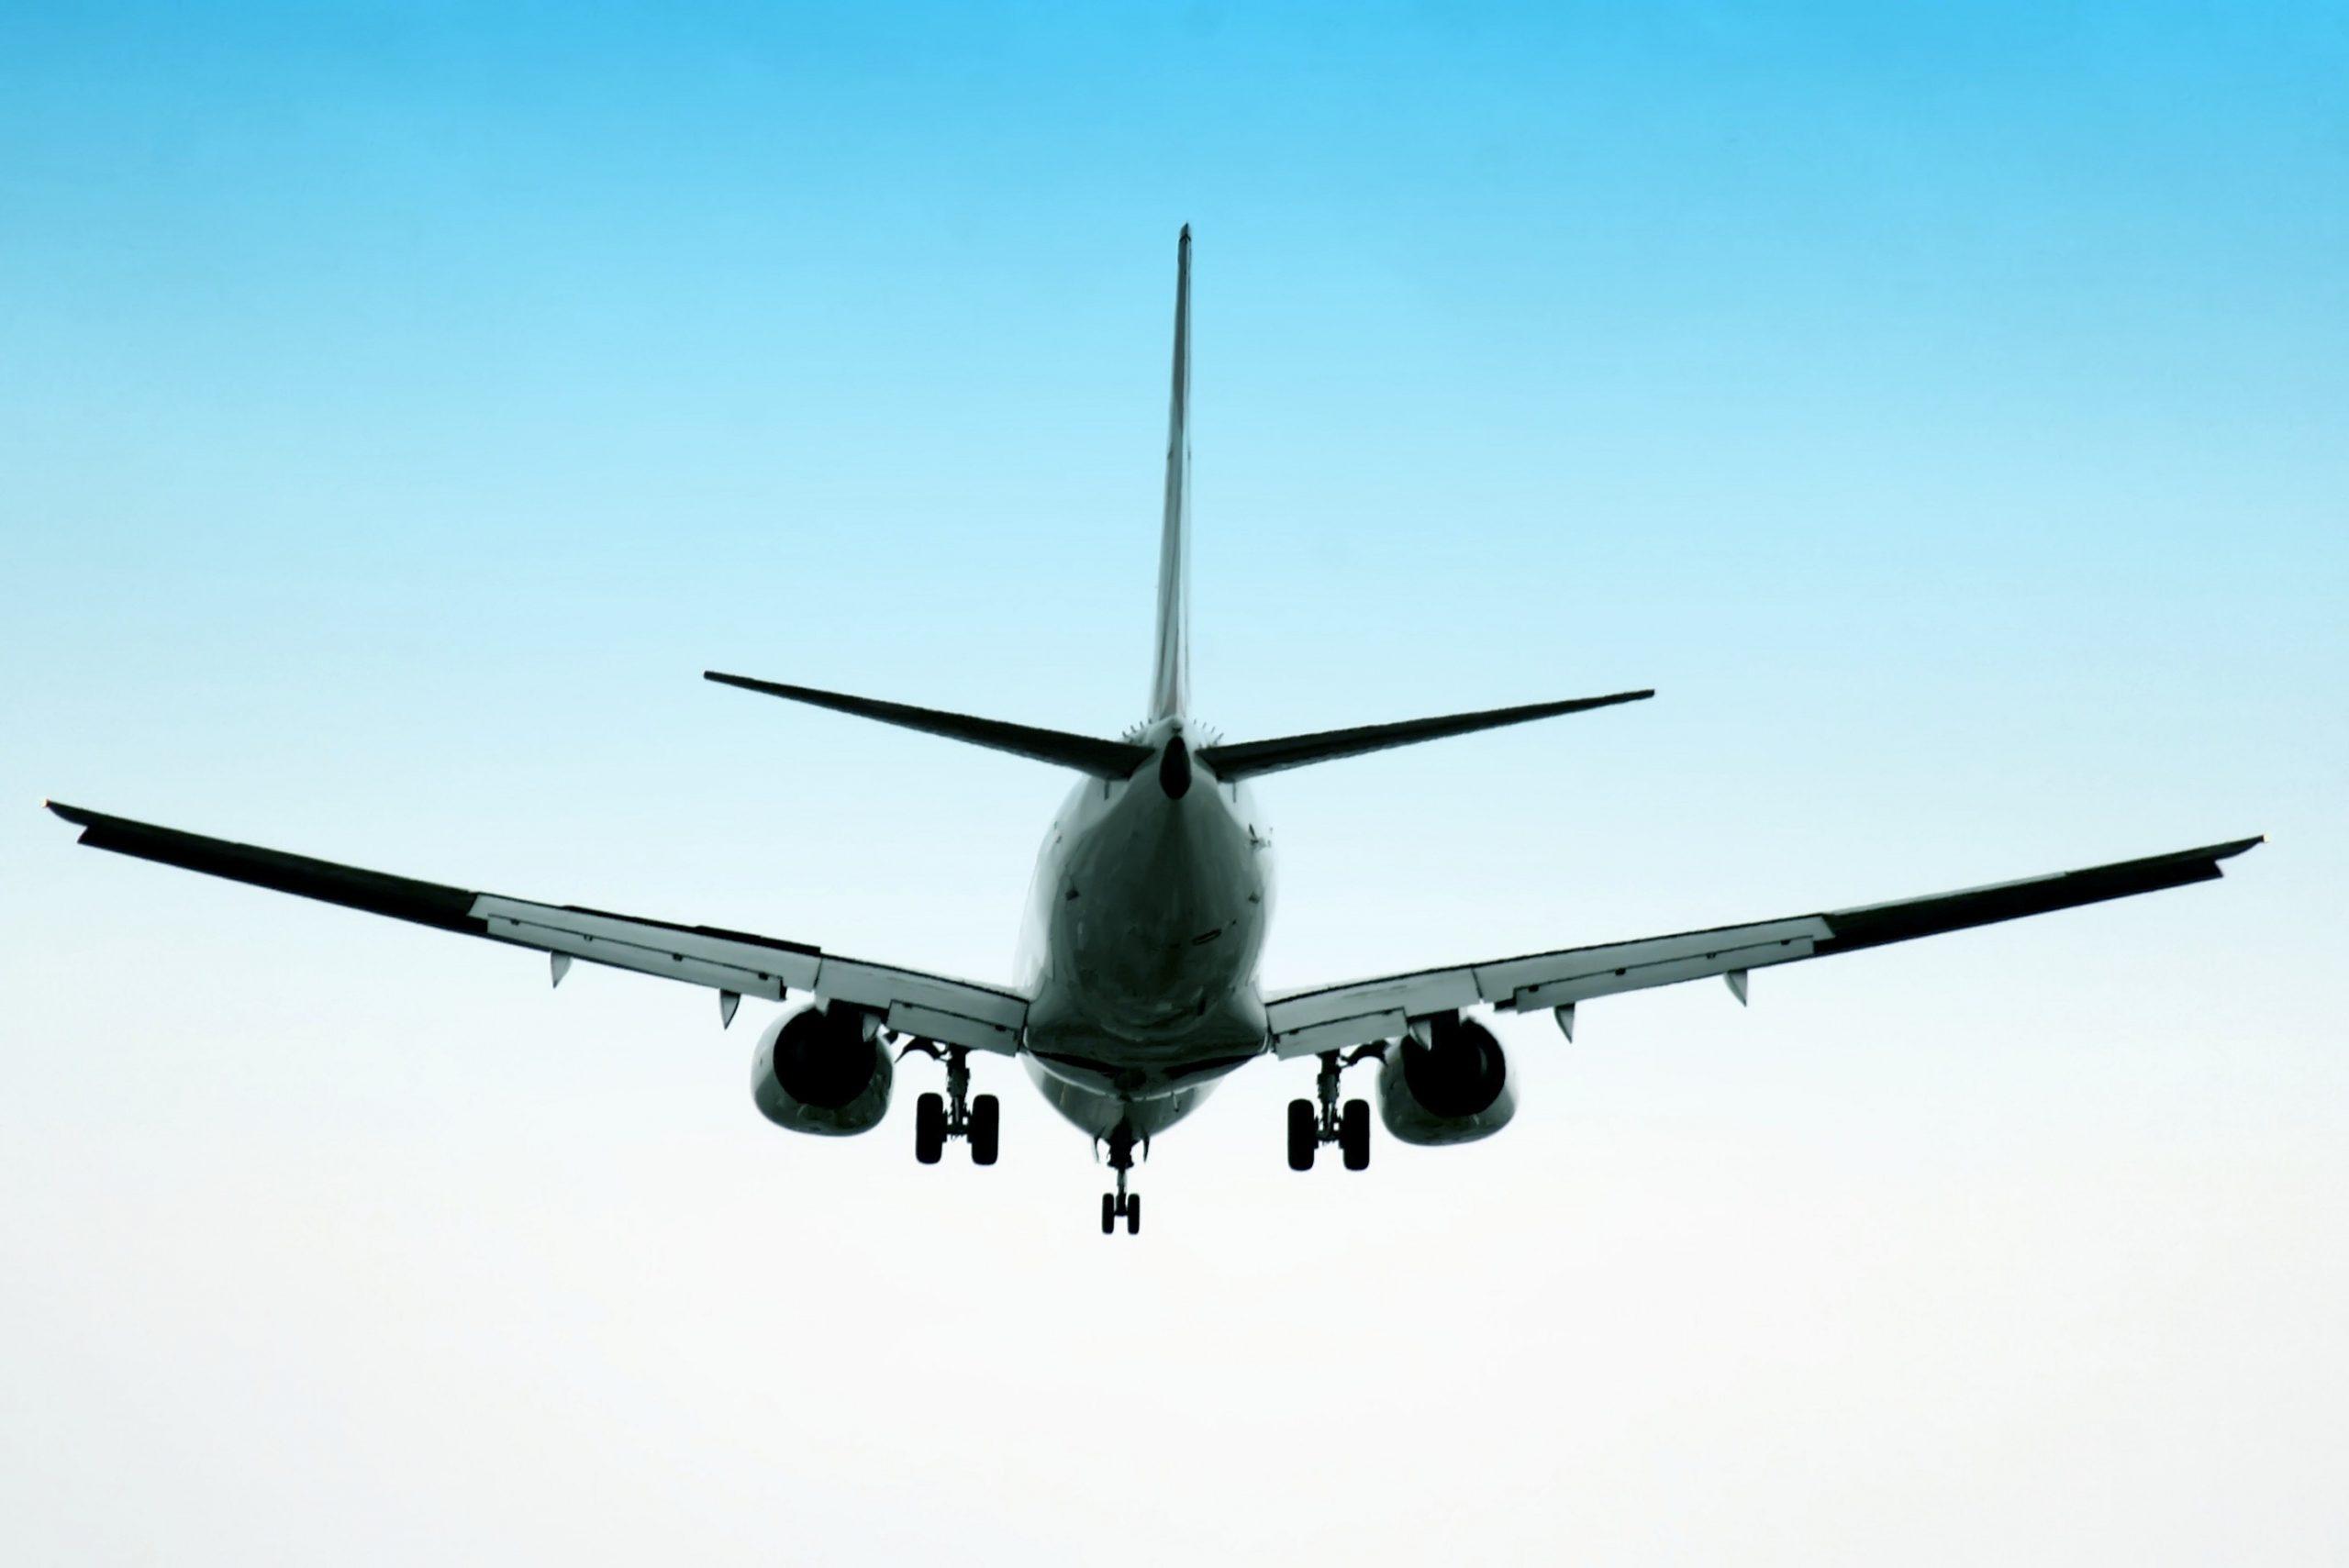 Avia bilietai perkami užsienyje